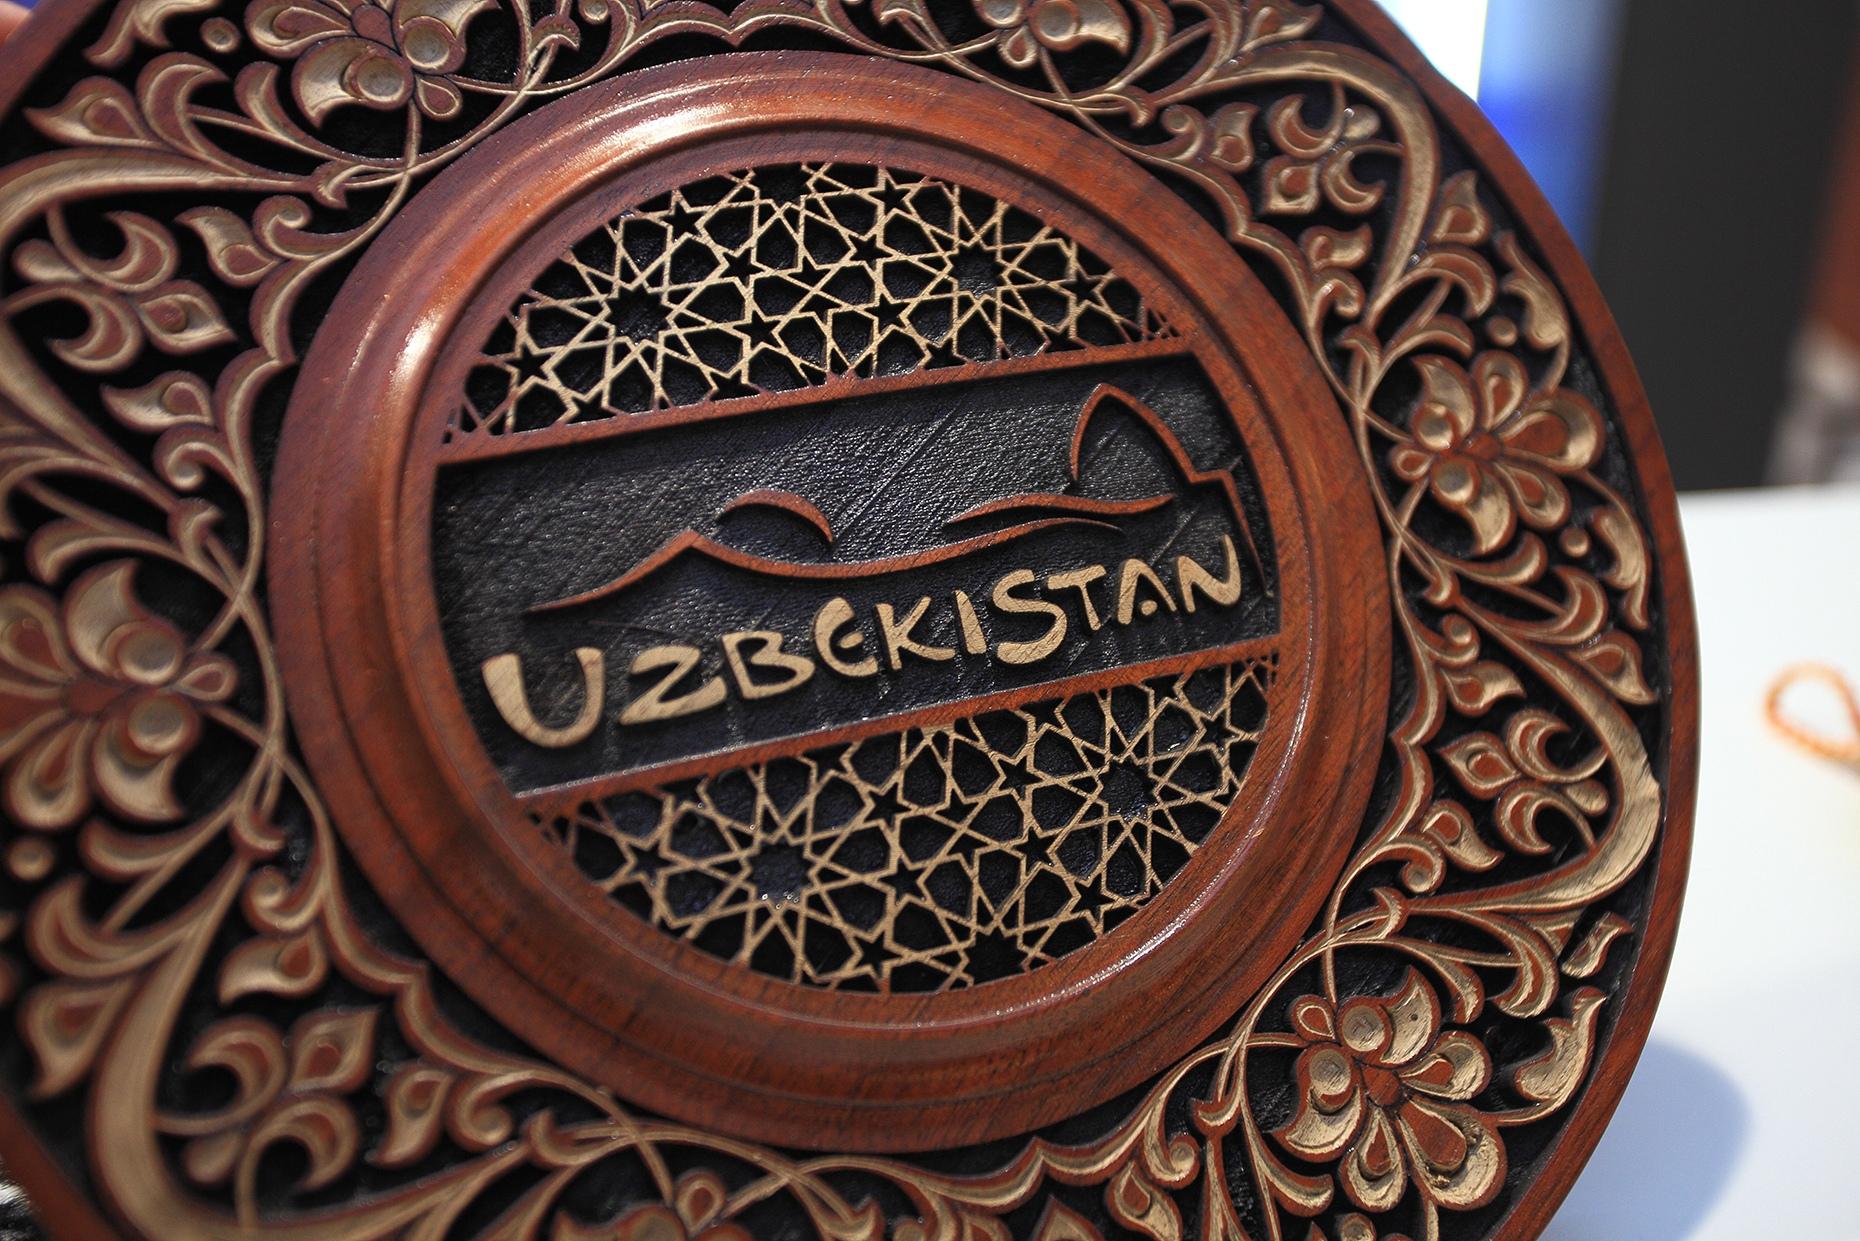 В Санкт-Петербурге пройдет бизнес-миссия «Made in Uzbekistan»